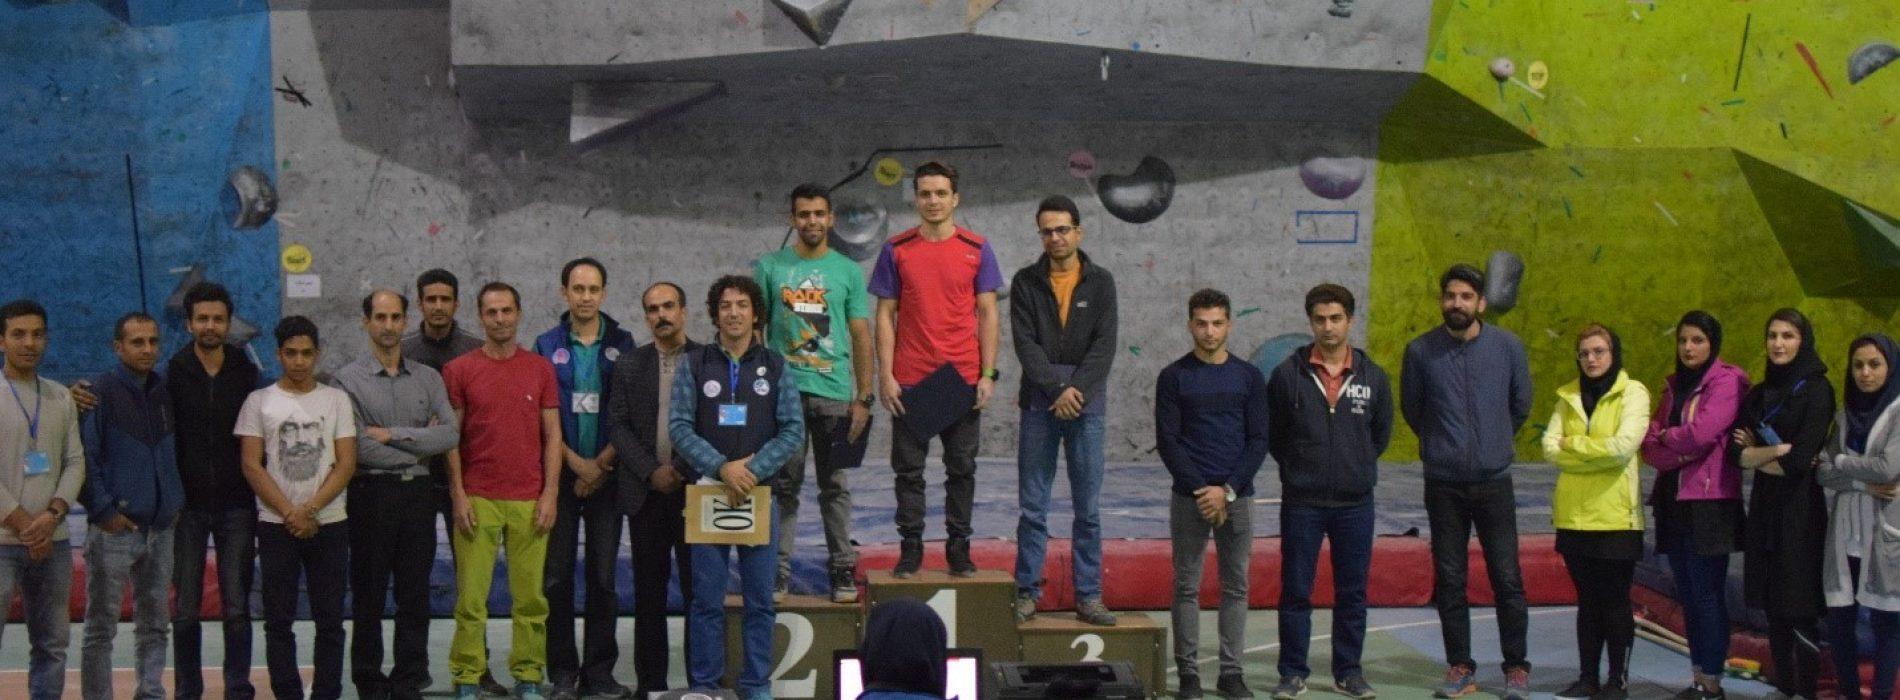 نتایج چهارمین دوره مسابقه بولدرینگ جام اصفهان